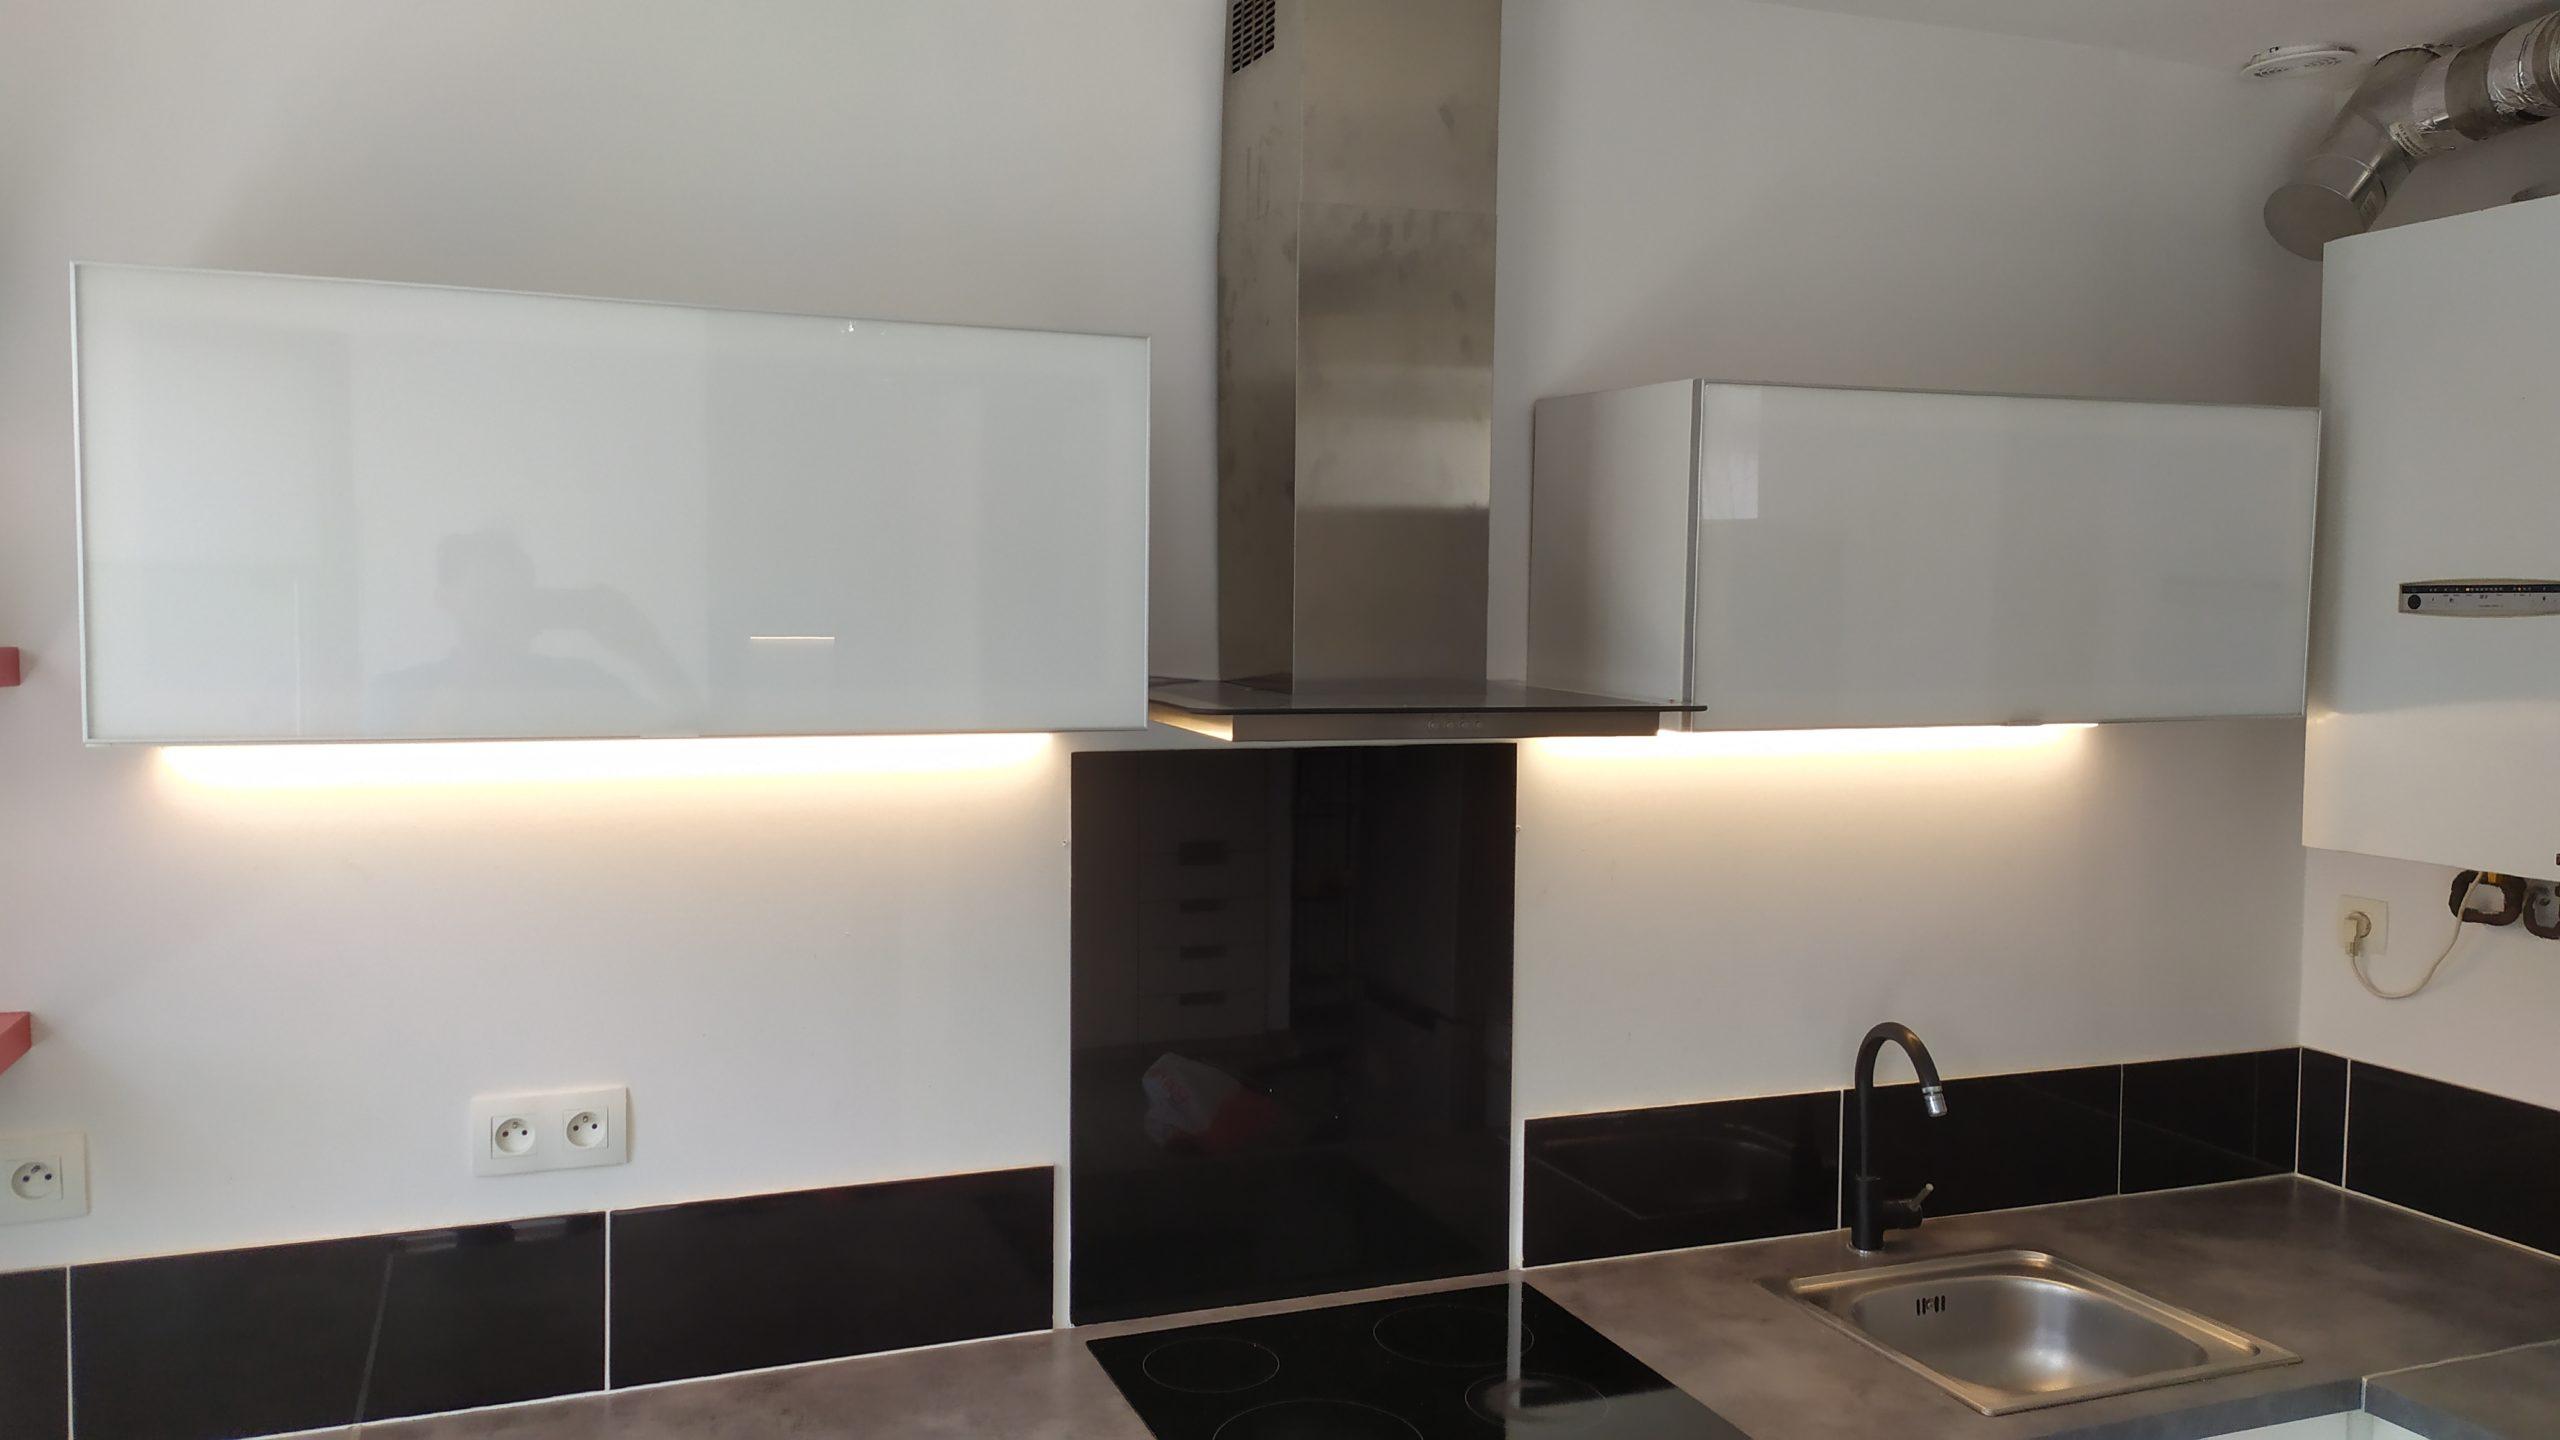 Aménagement électrique d'une cuisine avec Clartelec - Votre électricien confirmé en essonne.jpg